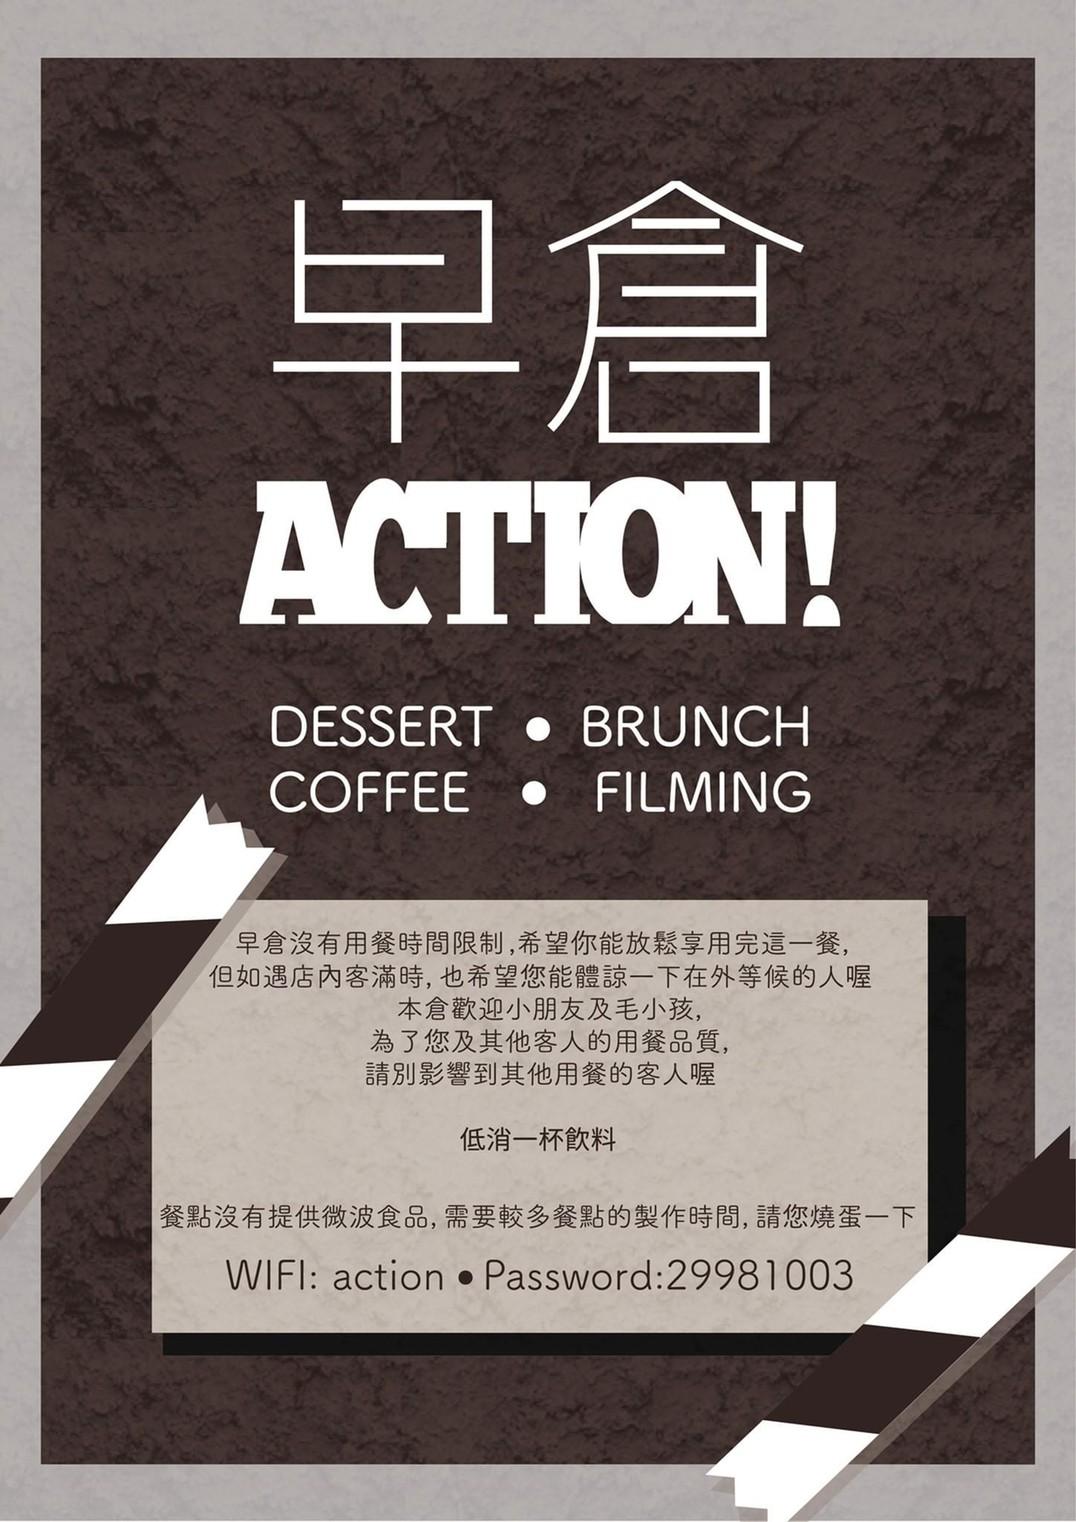 新莊早午餐推薦│Action!早倉,必點隱藏版布丁和黑糖長棍!